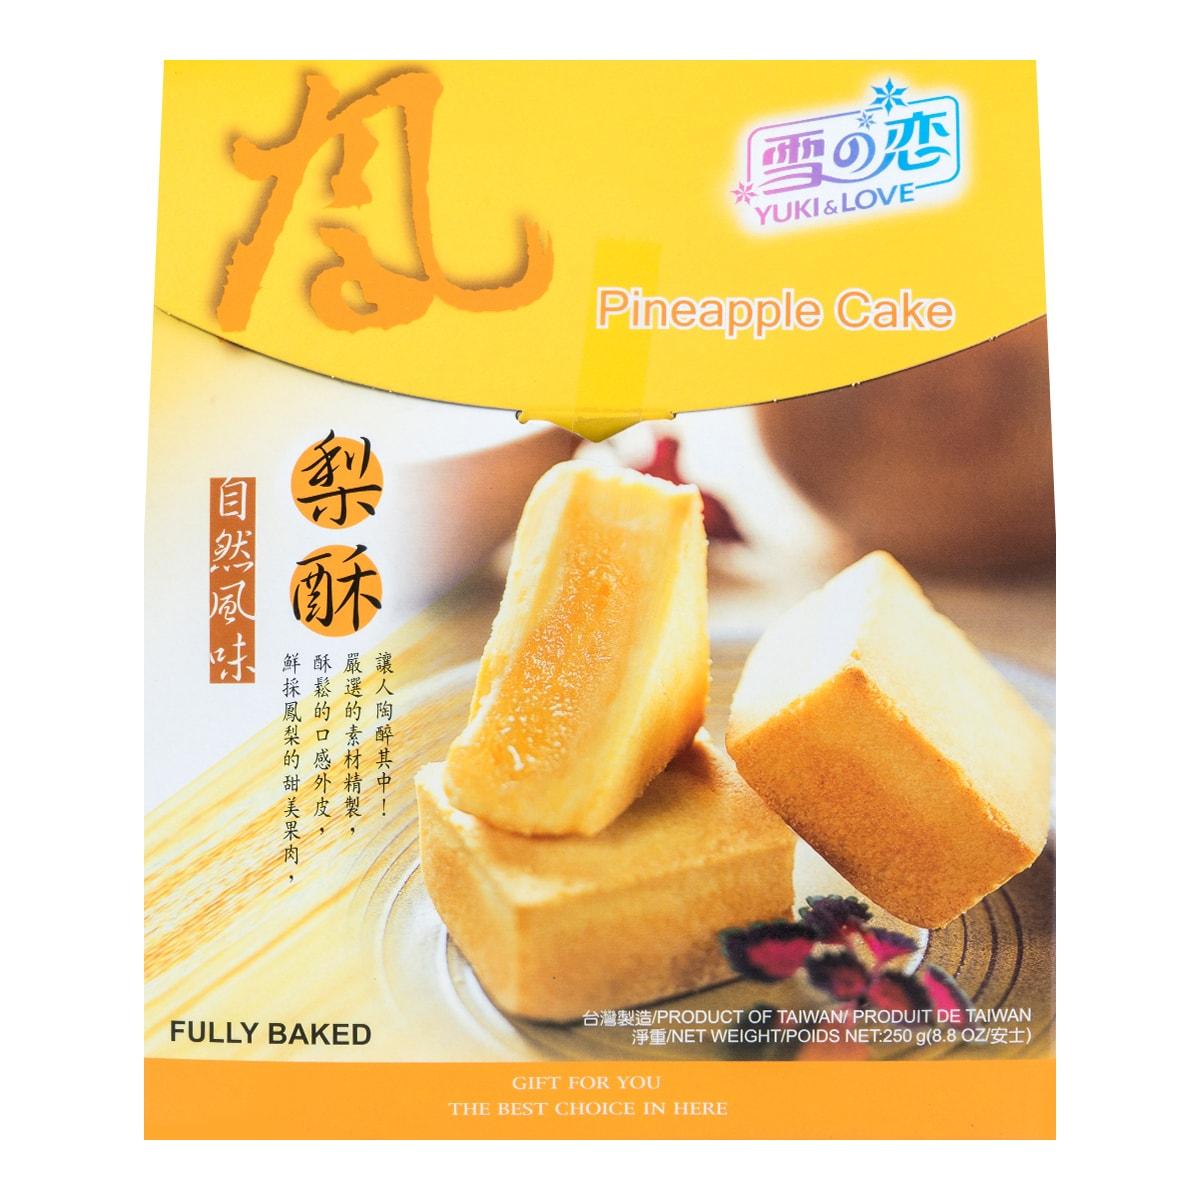 YUKI/LOVE BK Pineapple Cake 250g